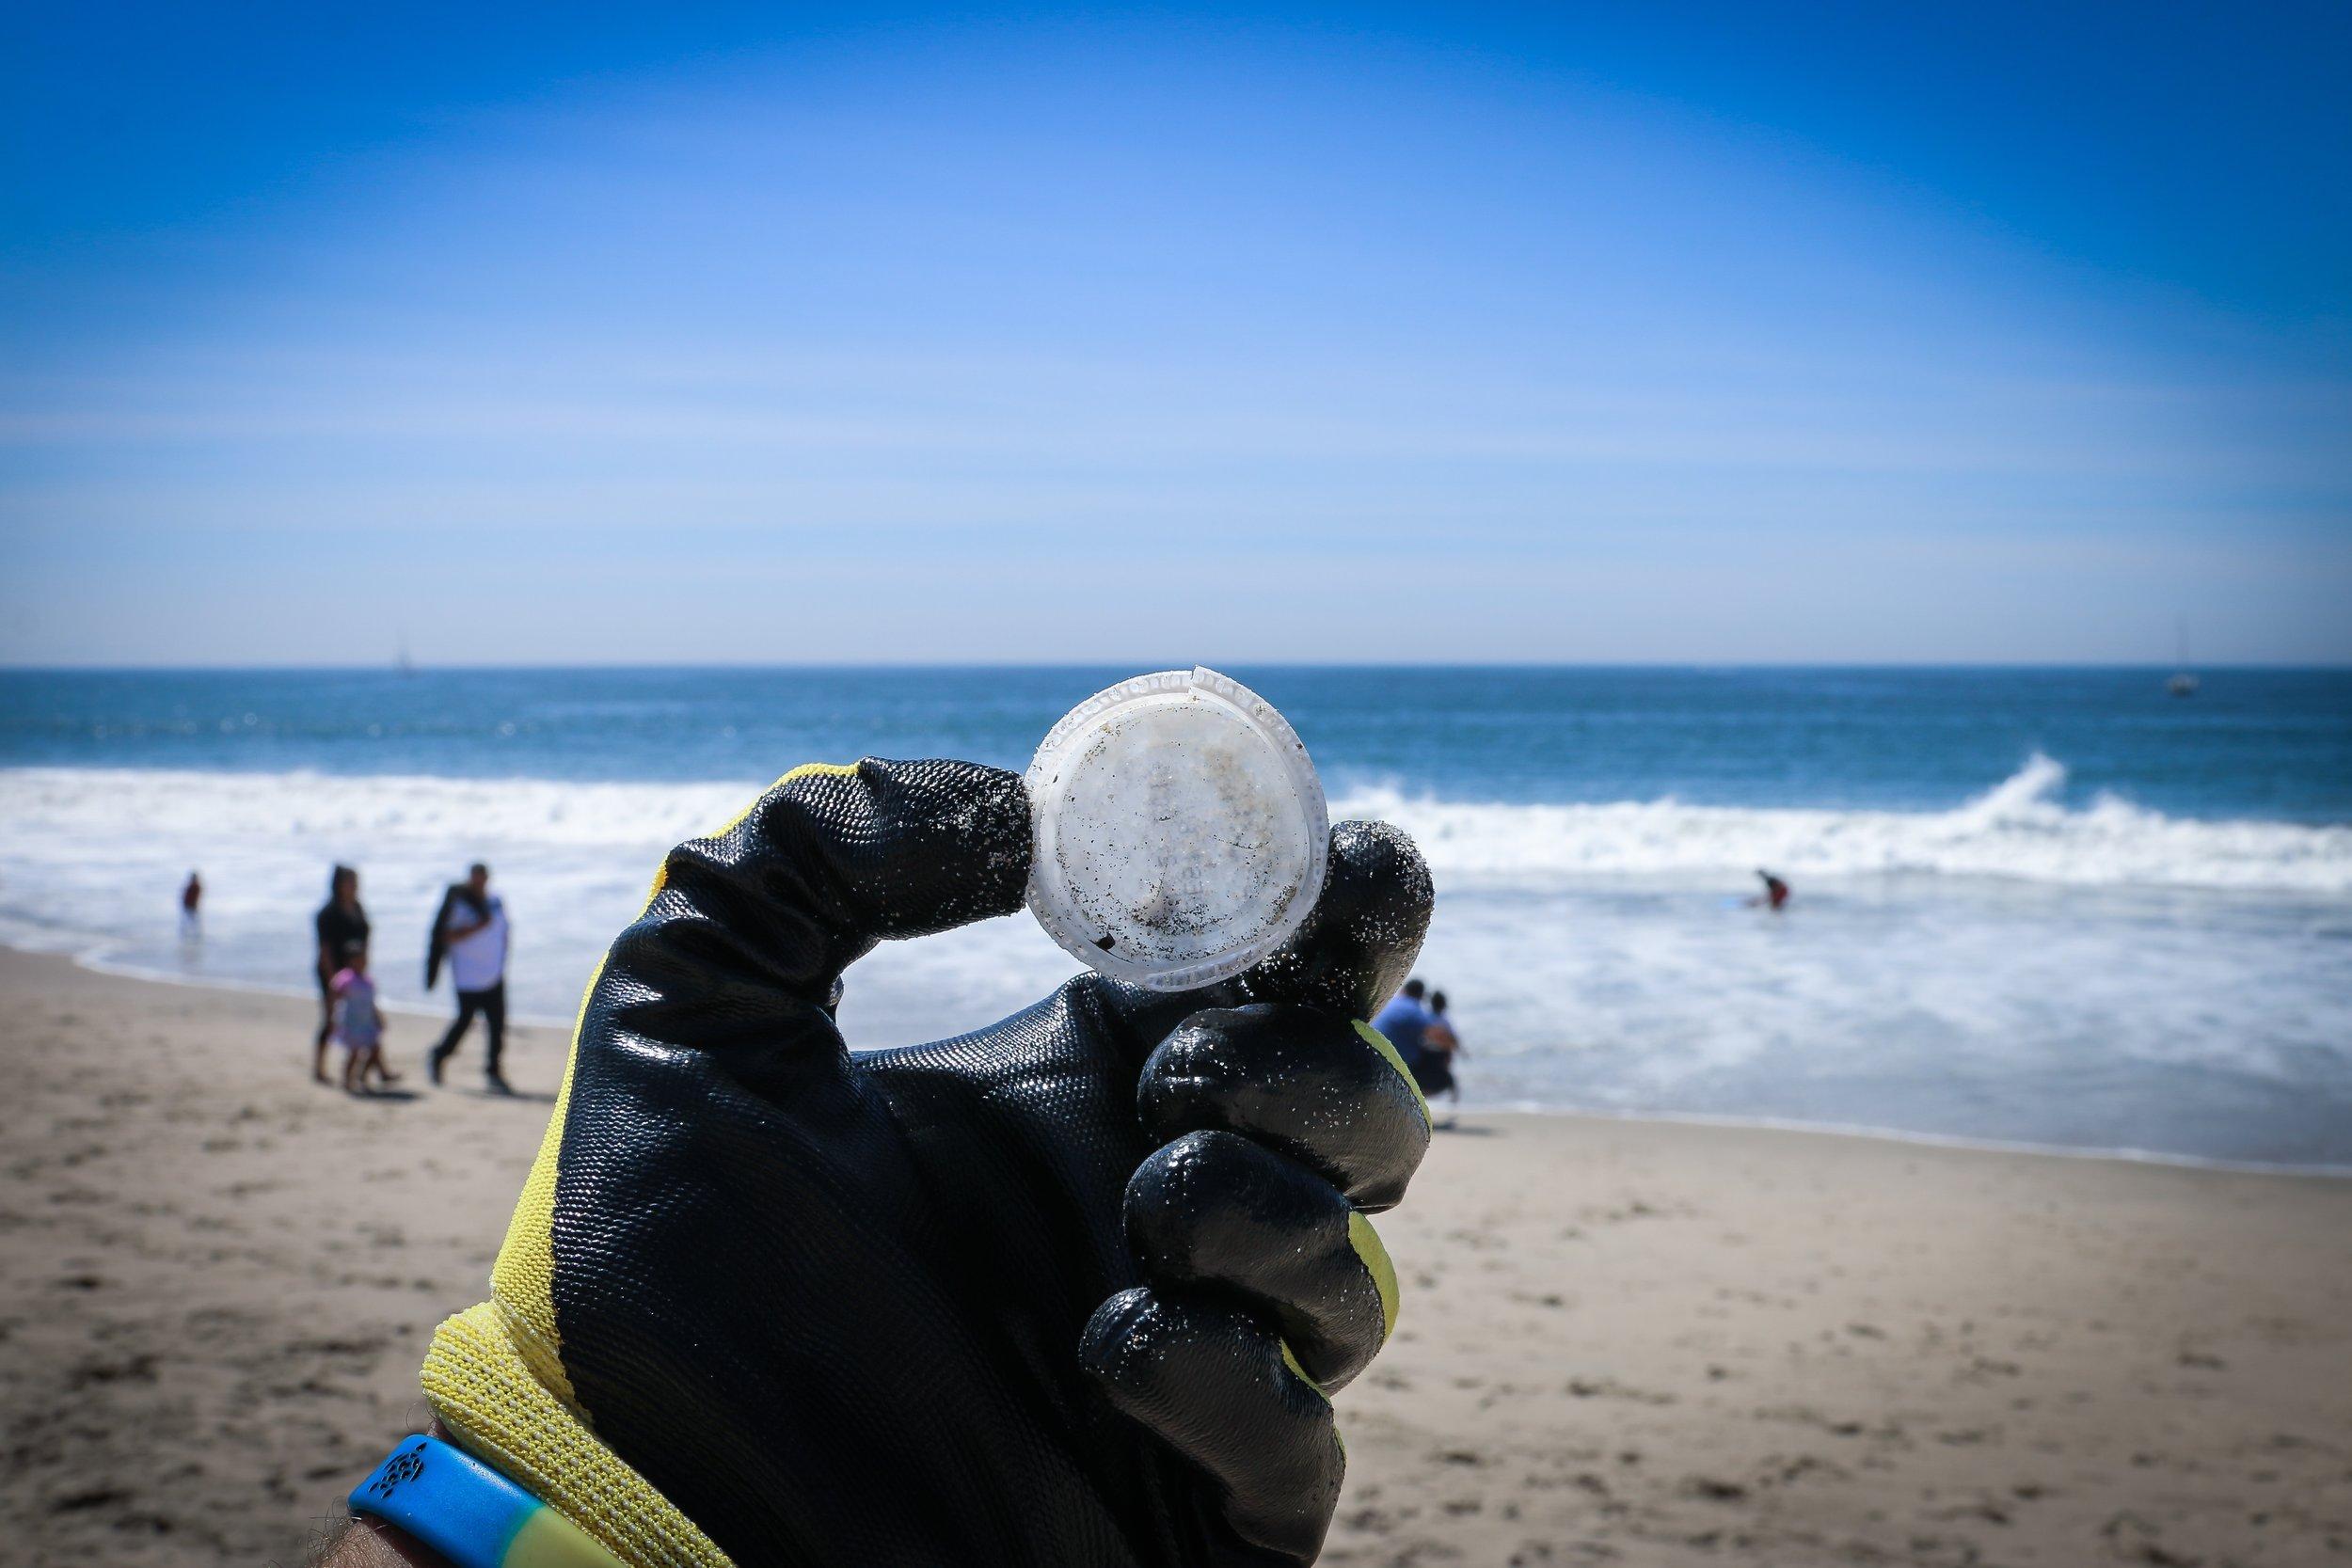 Sammle mit uns Plastikmüll - Zusätzlich zu den Aktivitäten im Startup Bereich werden wir uns aktiv dafür einsetzen unsere Küstenregionen von unnötigem Müll zu befreien der Tier und Mensch gefährdet. Das beste daran, ihr könnt uns dabei helfen!